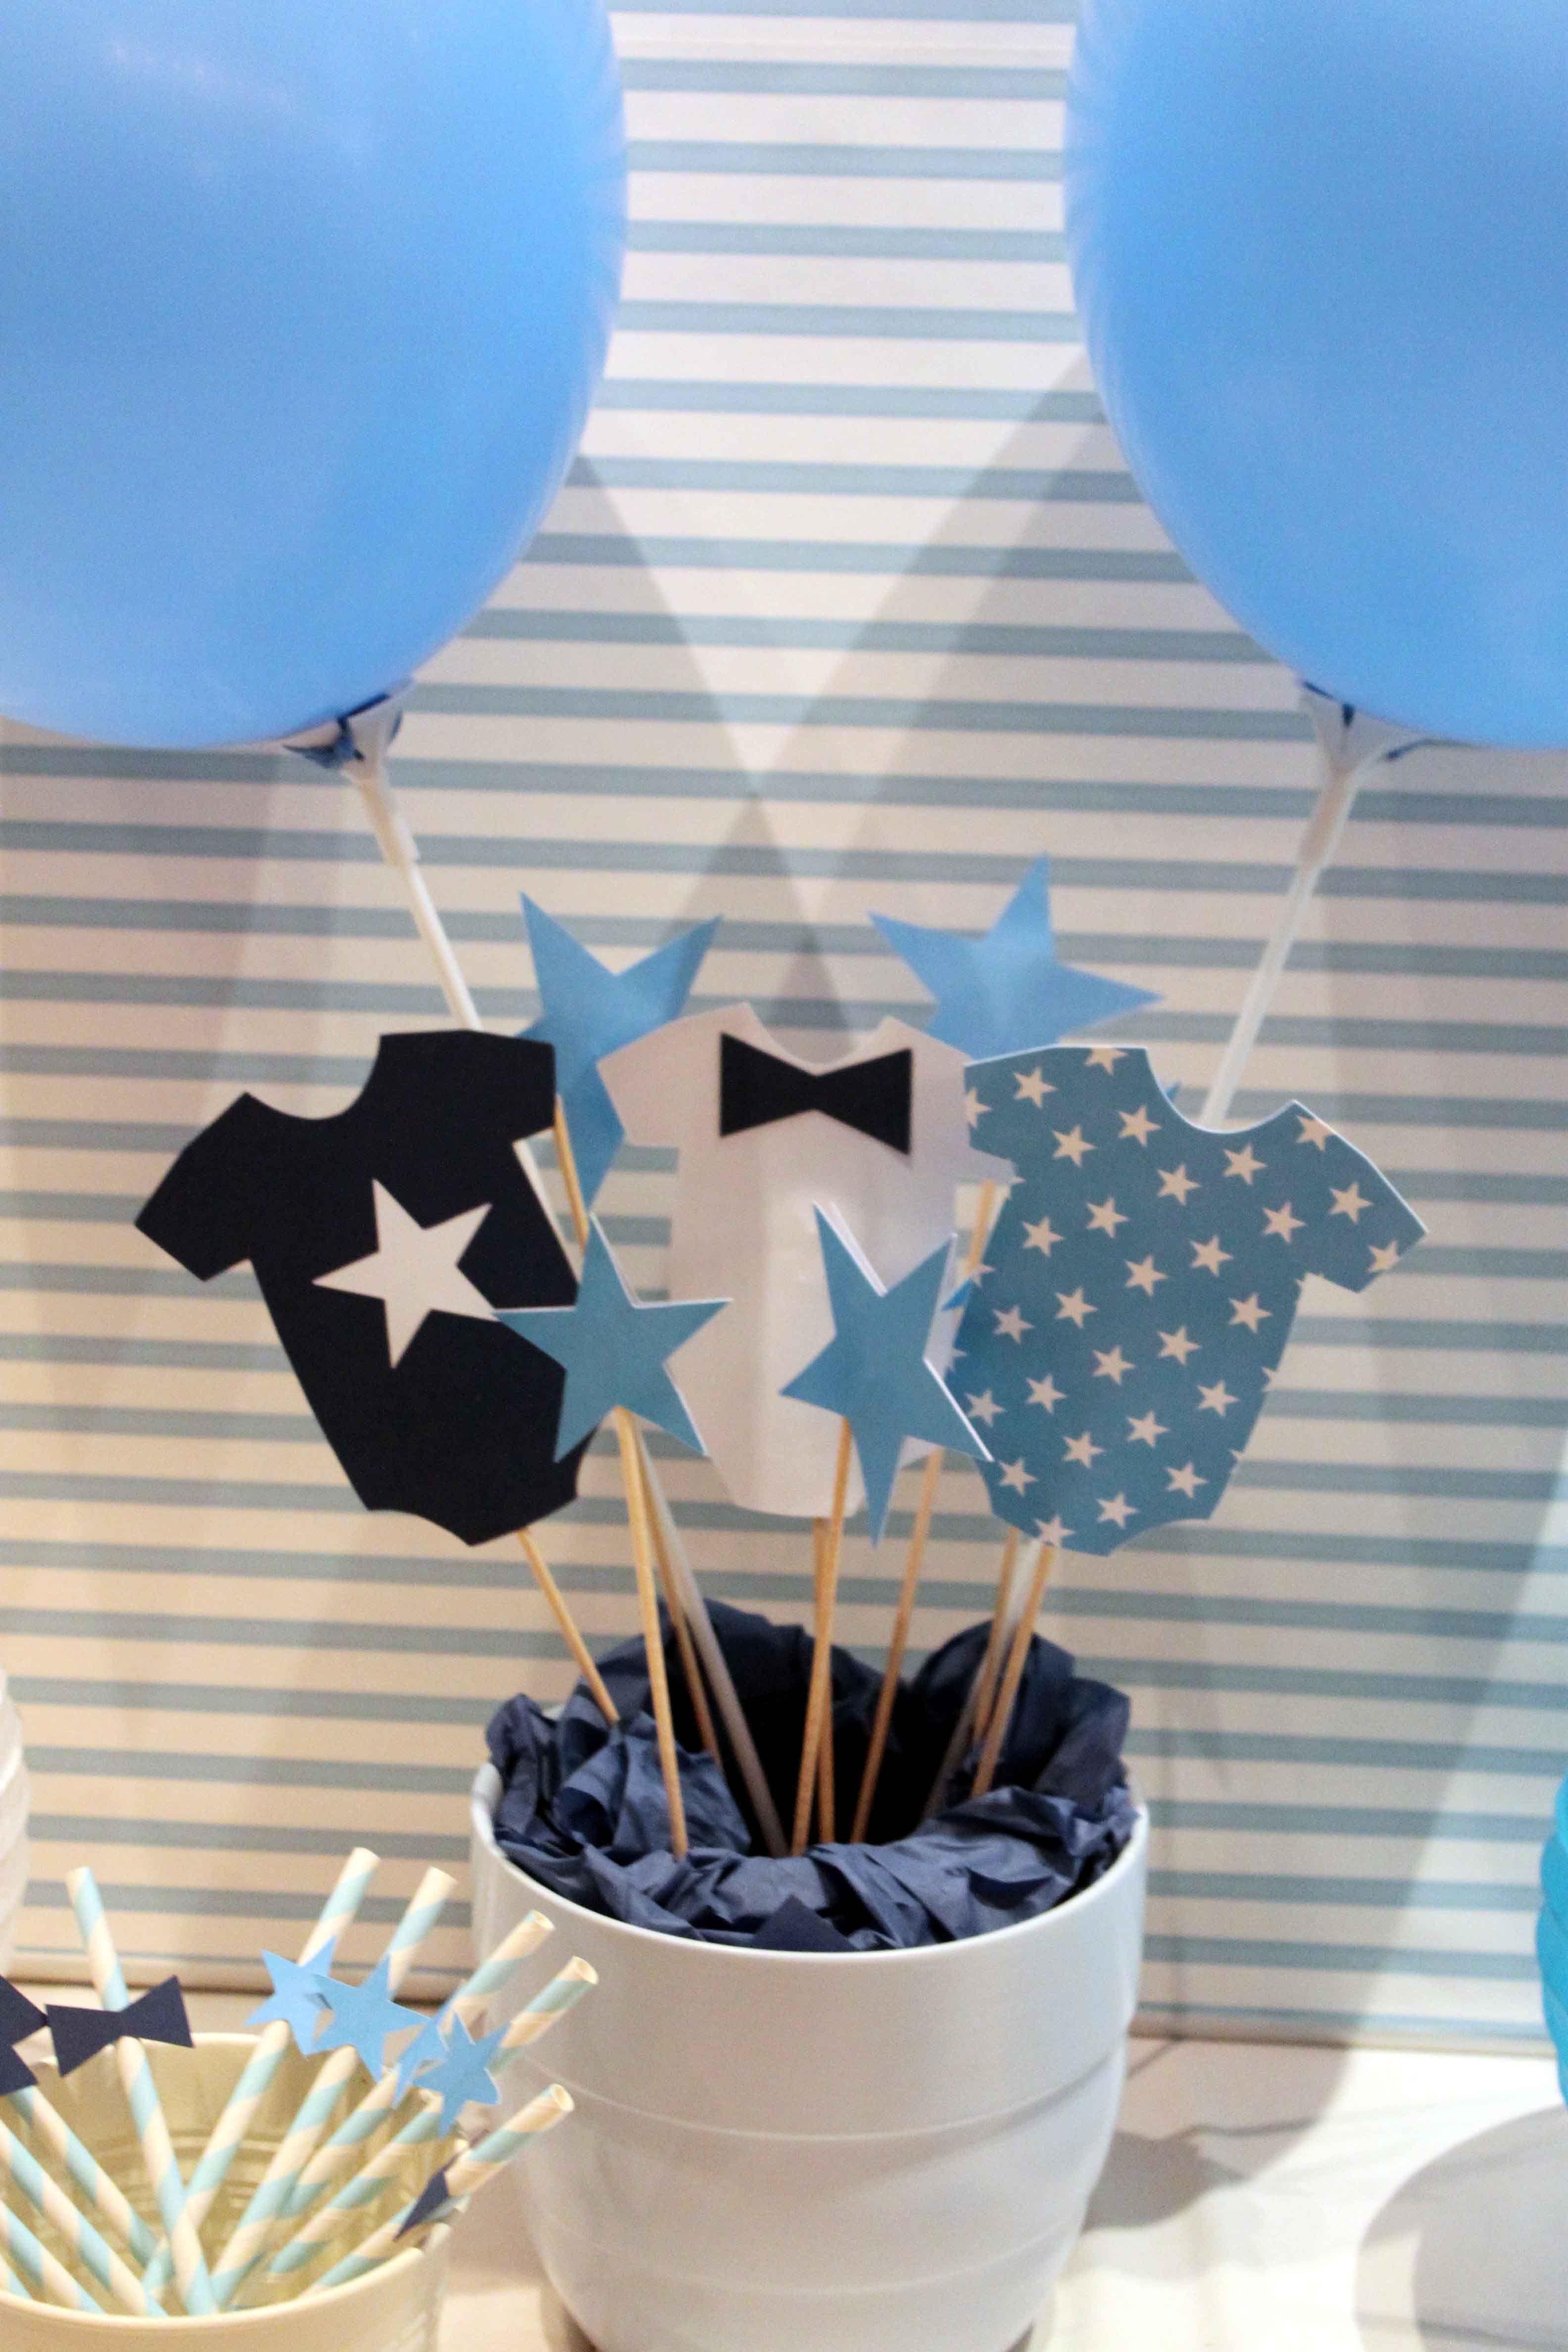 Centro De Mesa Para Baby Shower Varon Faciles : centro, shower, varon, faciles, Bautizo, No-ñoño, David, Centros, Niños,, Shower,, Decoraciones, Fiestas, Bebés